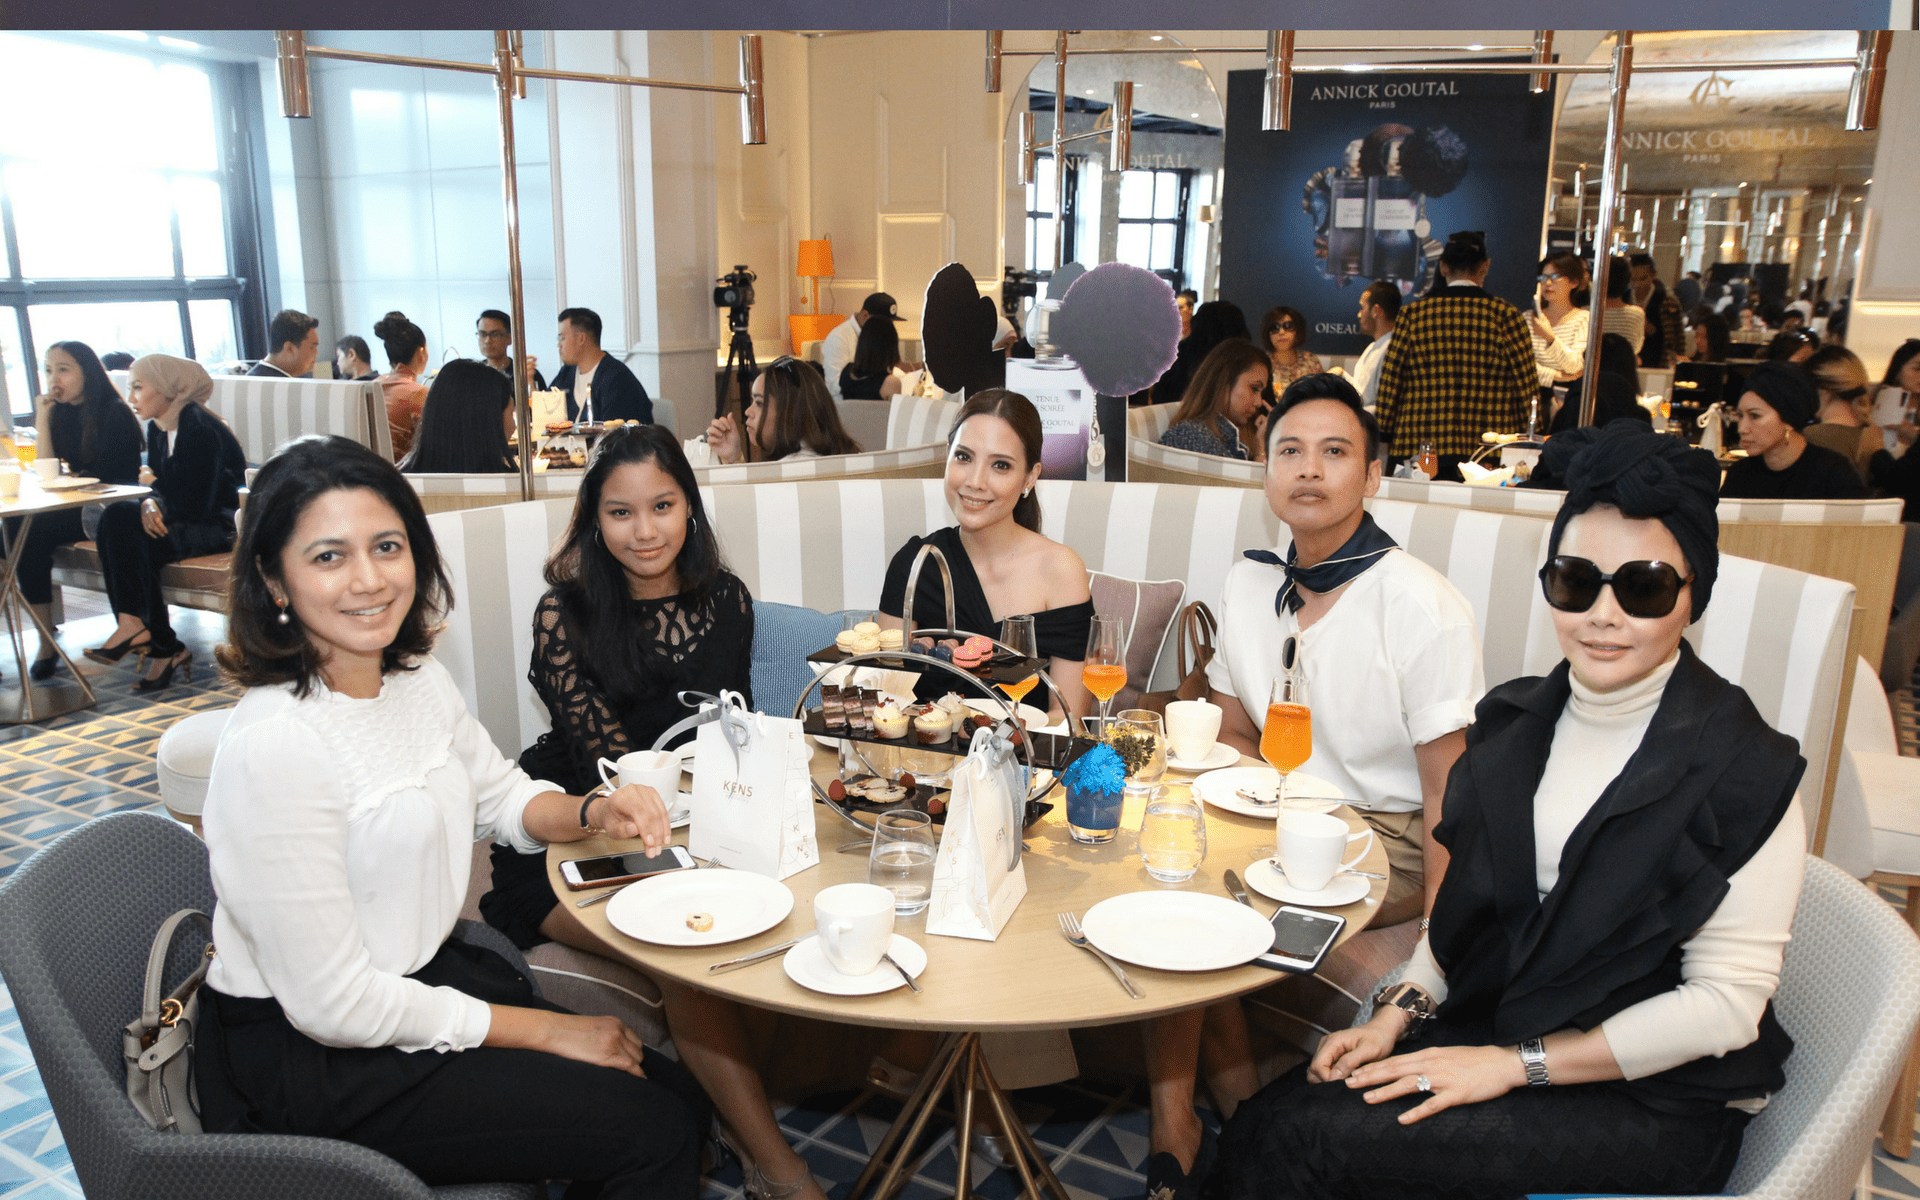 Zalifa Zakaria, Julia Ariana Hazali, Datin Nadia Mustaffa, Fadzil Selamat and Aniza Adnan